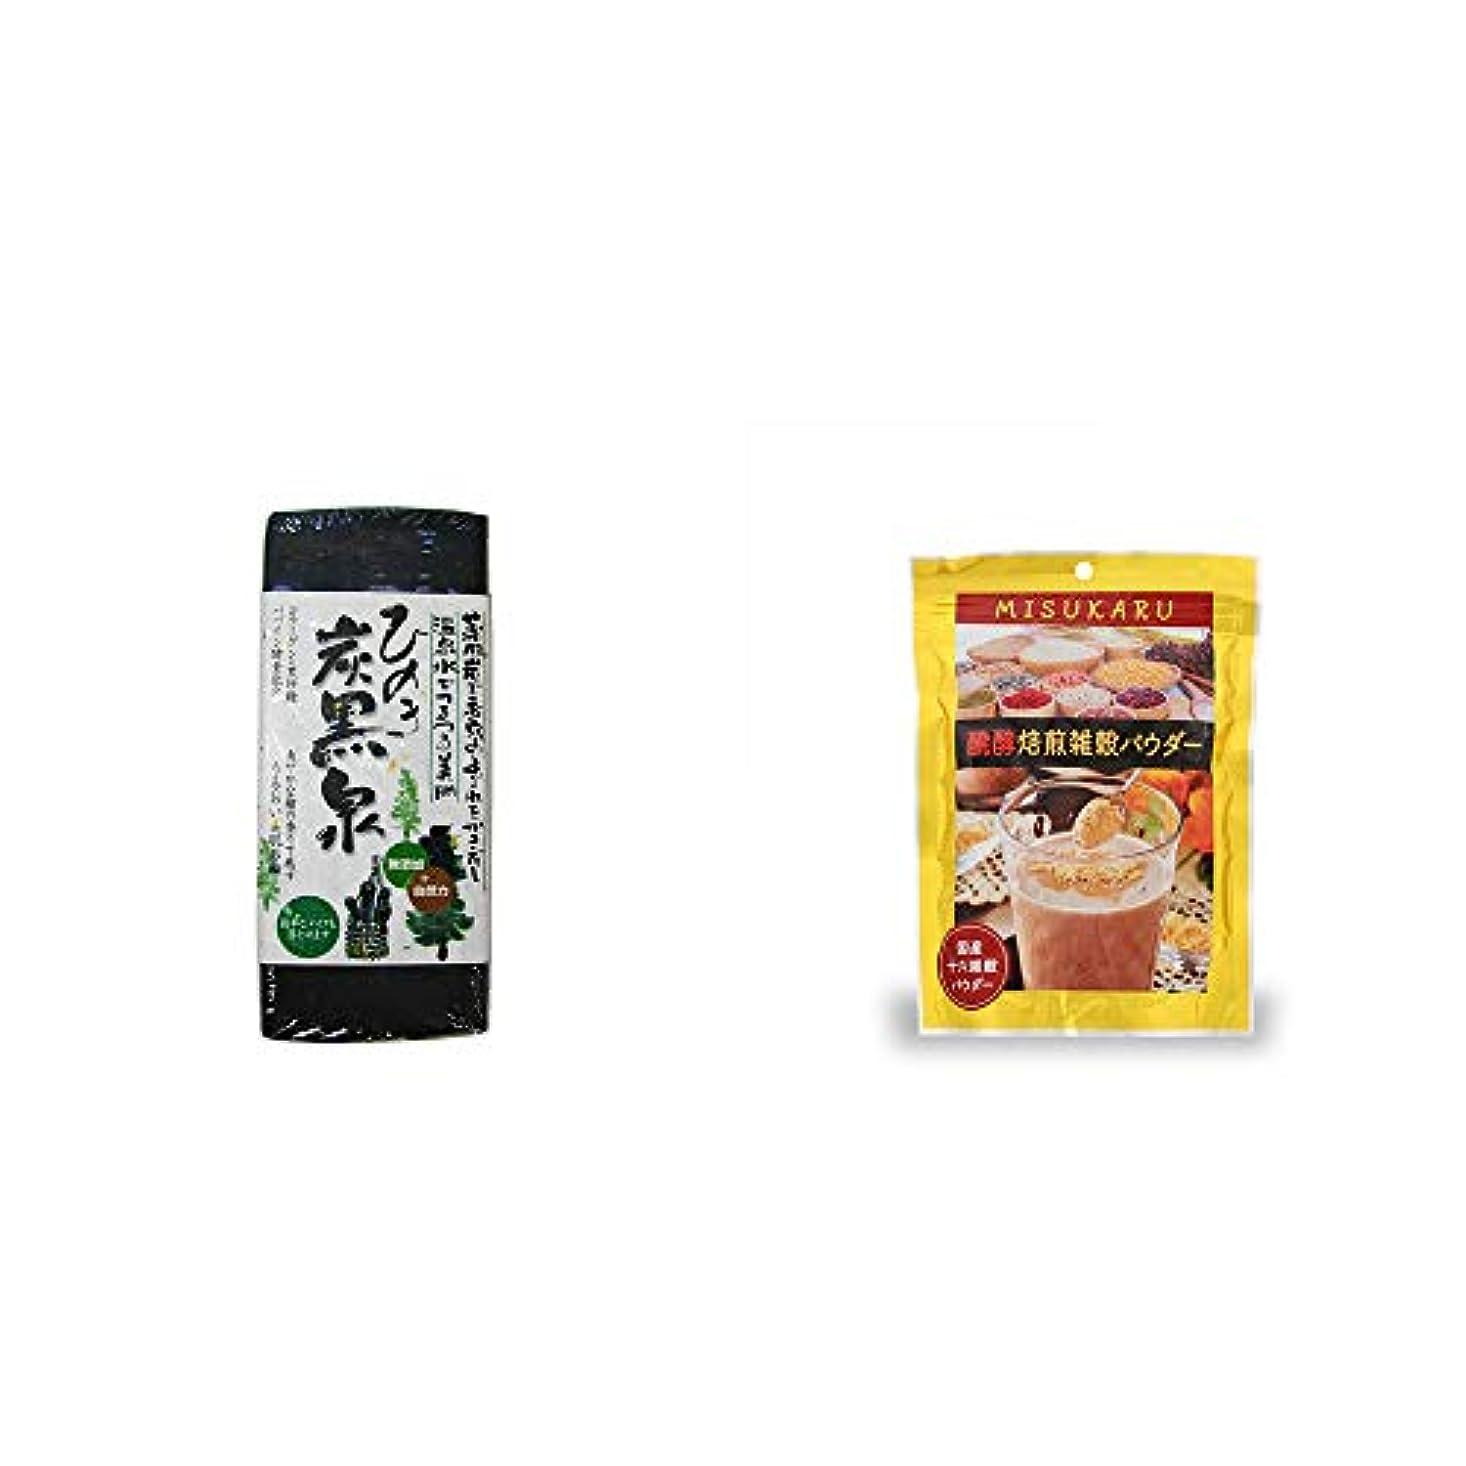 切るレンジ配送[2点セット] ひのき炭黒泉(75g×2)?醗酵焙煎雑穀パウダー MISUKARU(ミスカル)(200g)